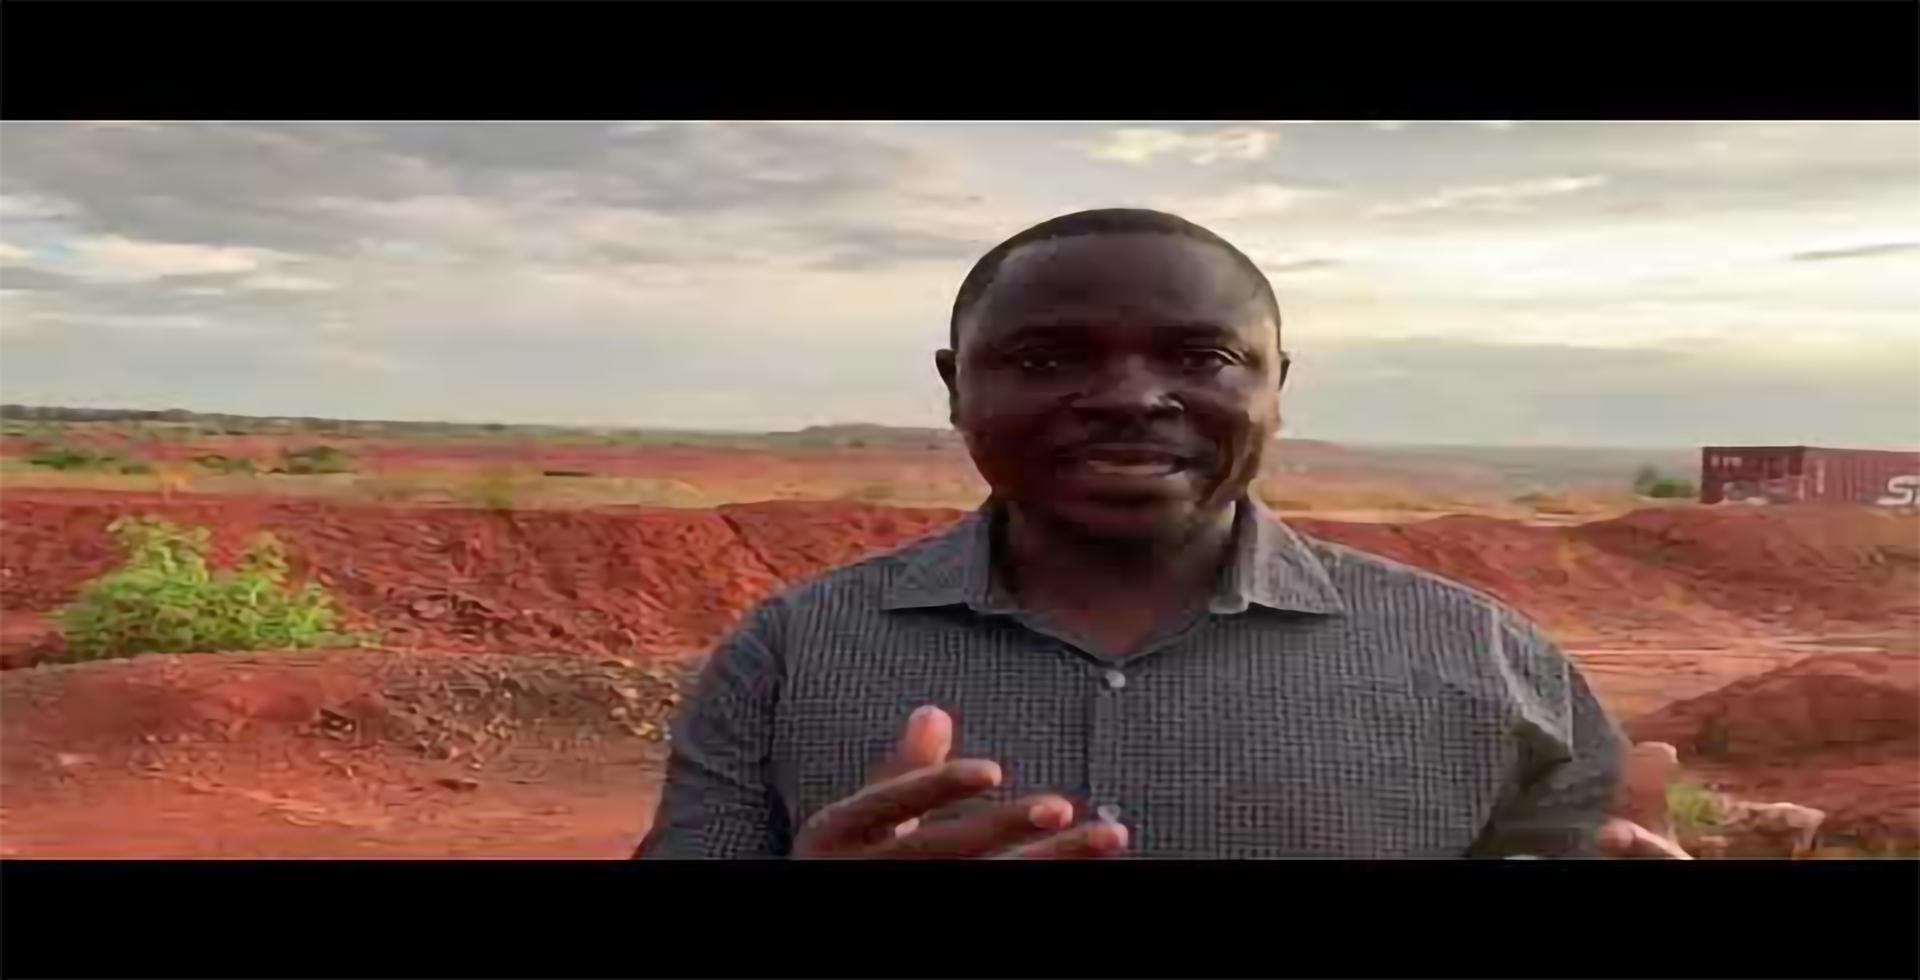 L'exploitation minière de la société COMMUS inquiète l'ONG afrewatch sur l'avenir de la ville de Kolwezi